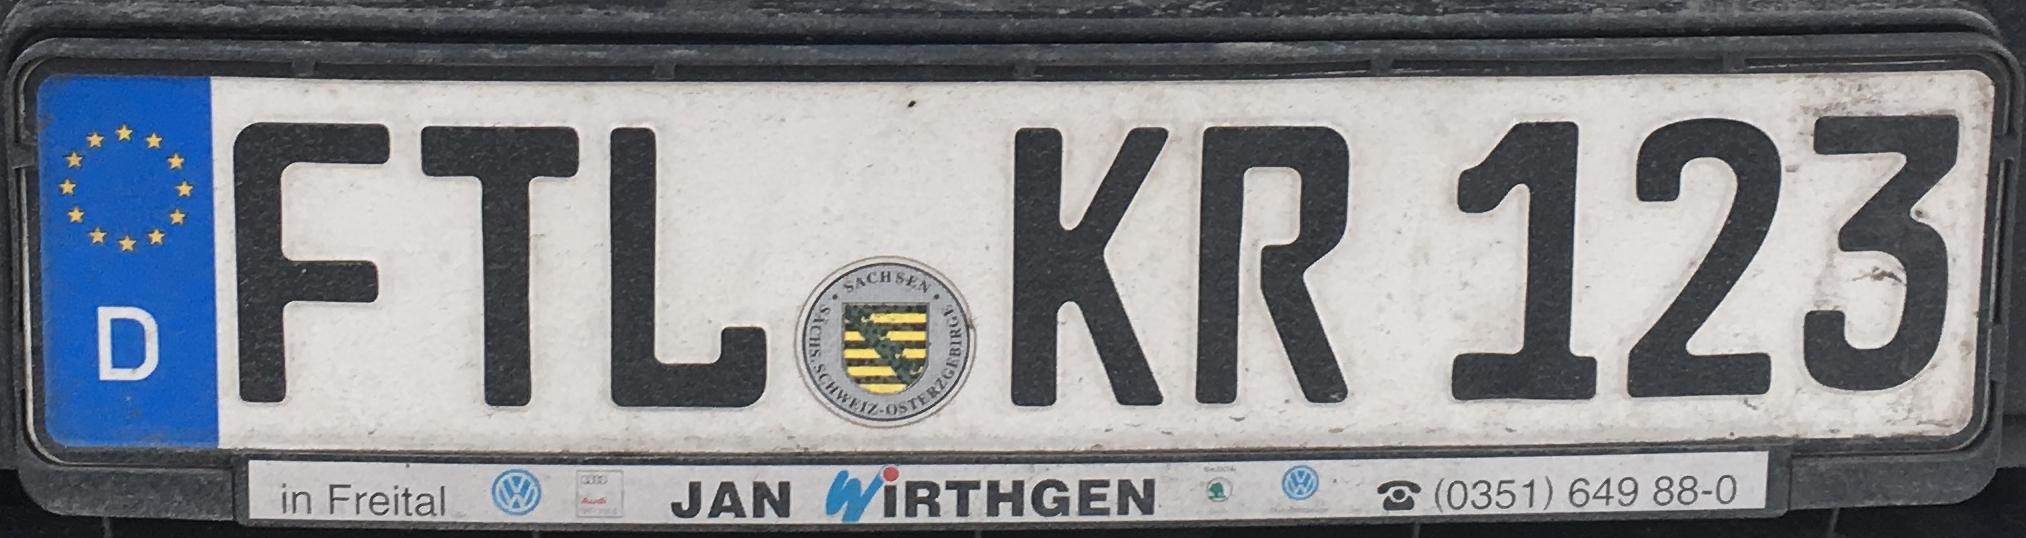 Registrační značky Německo - FTL - Freital, foto: www.podalnici.cz